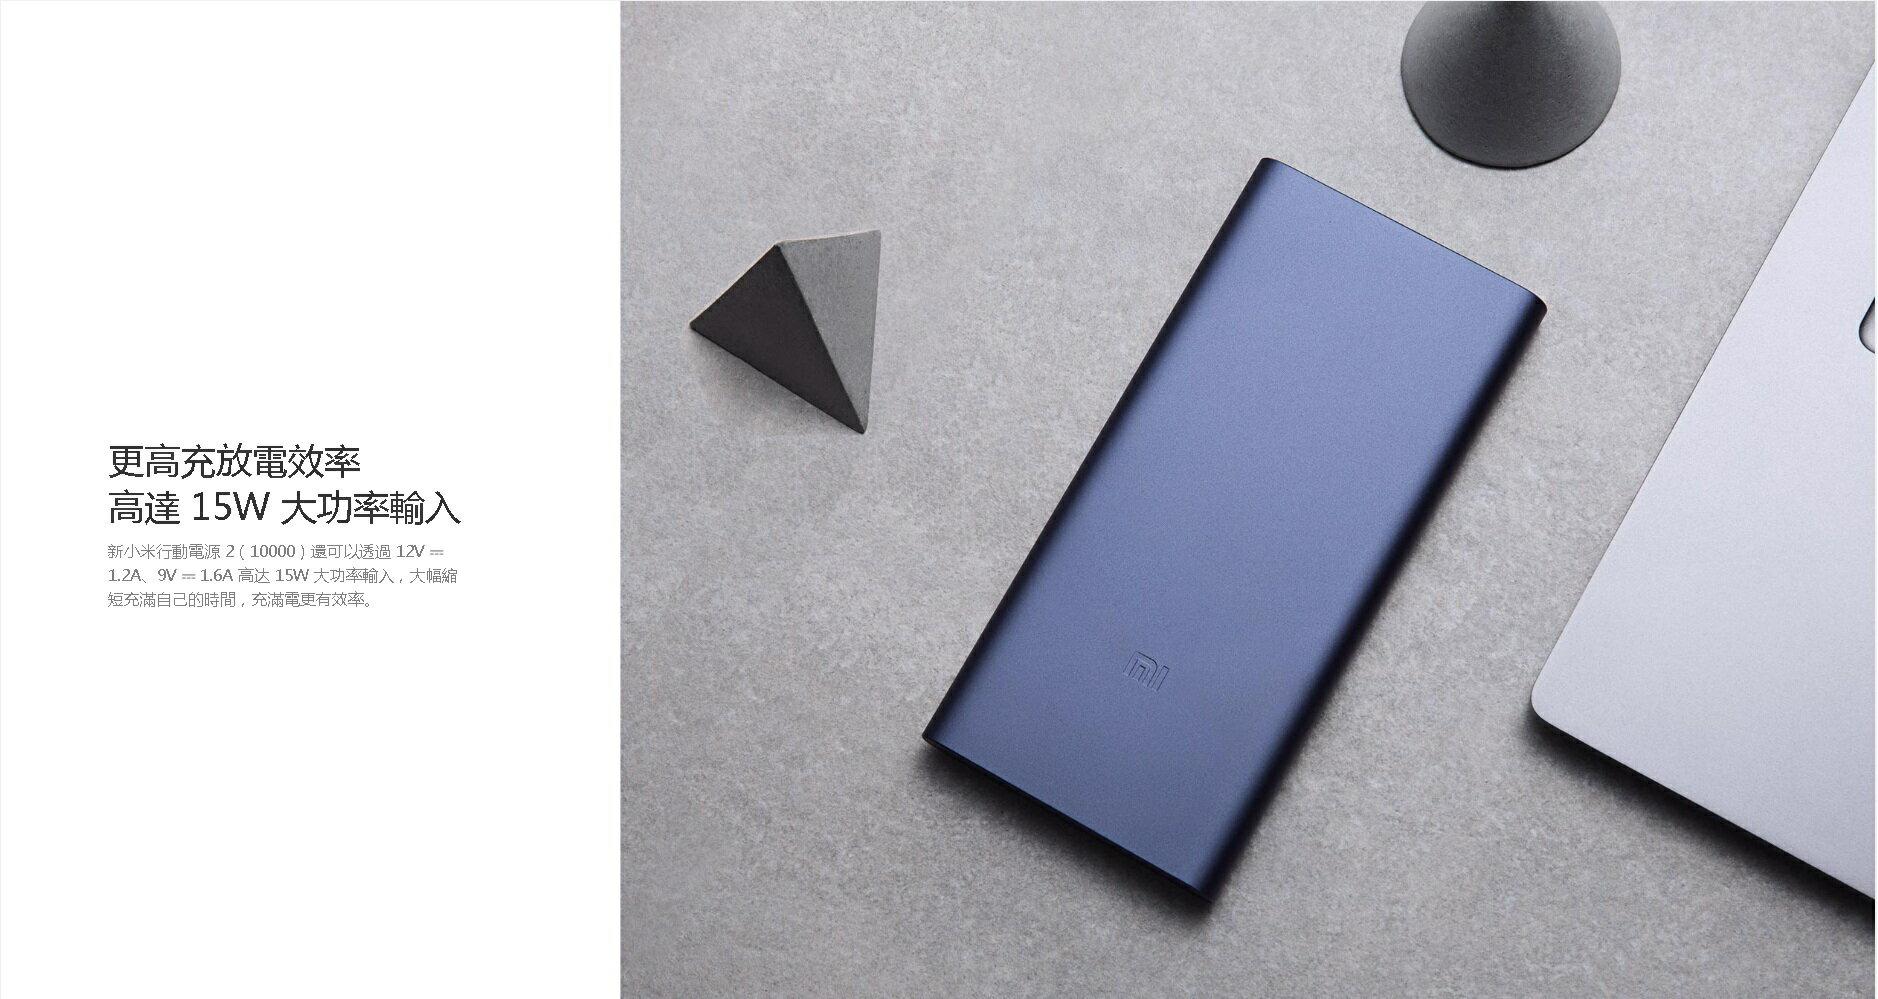 最新版 小米 行動電源 第2代 雙輸出 台灣官方代購 10000mAh 雙向快充 鋰聚合物電芯 鋁合金金屬外殼 正版 5